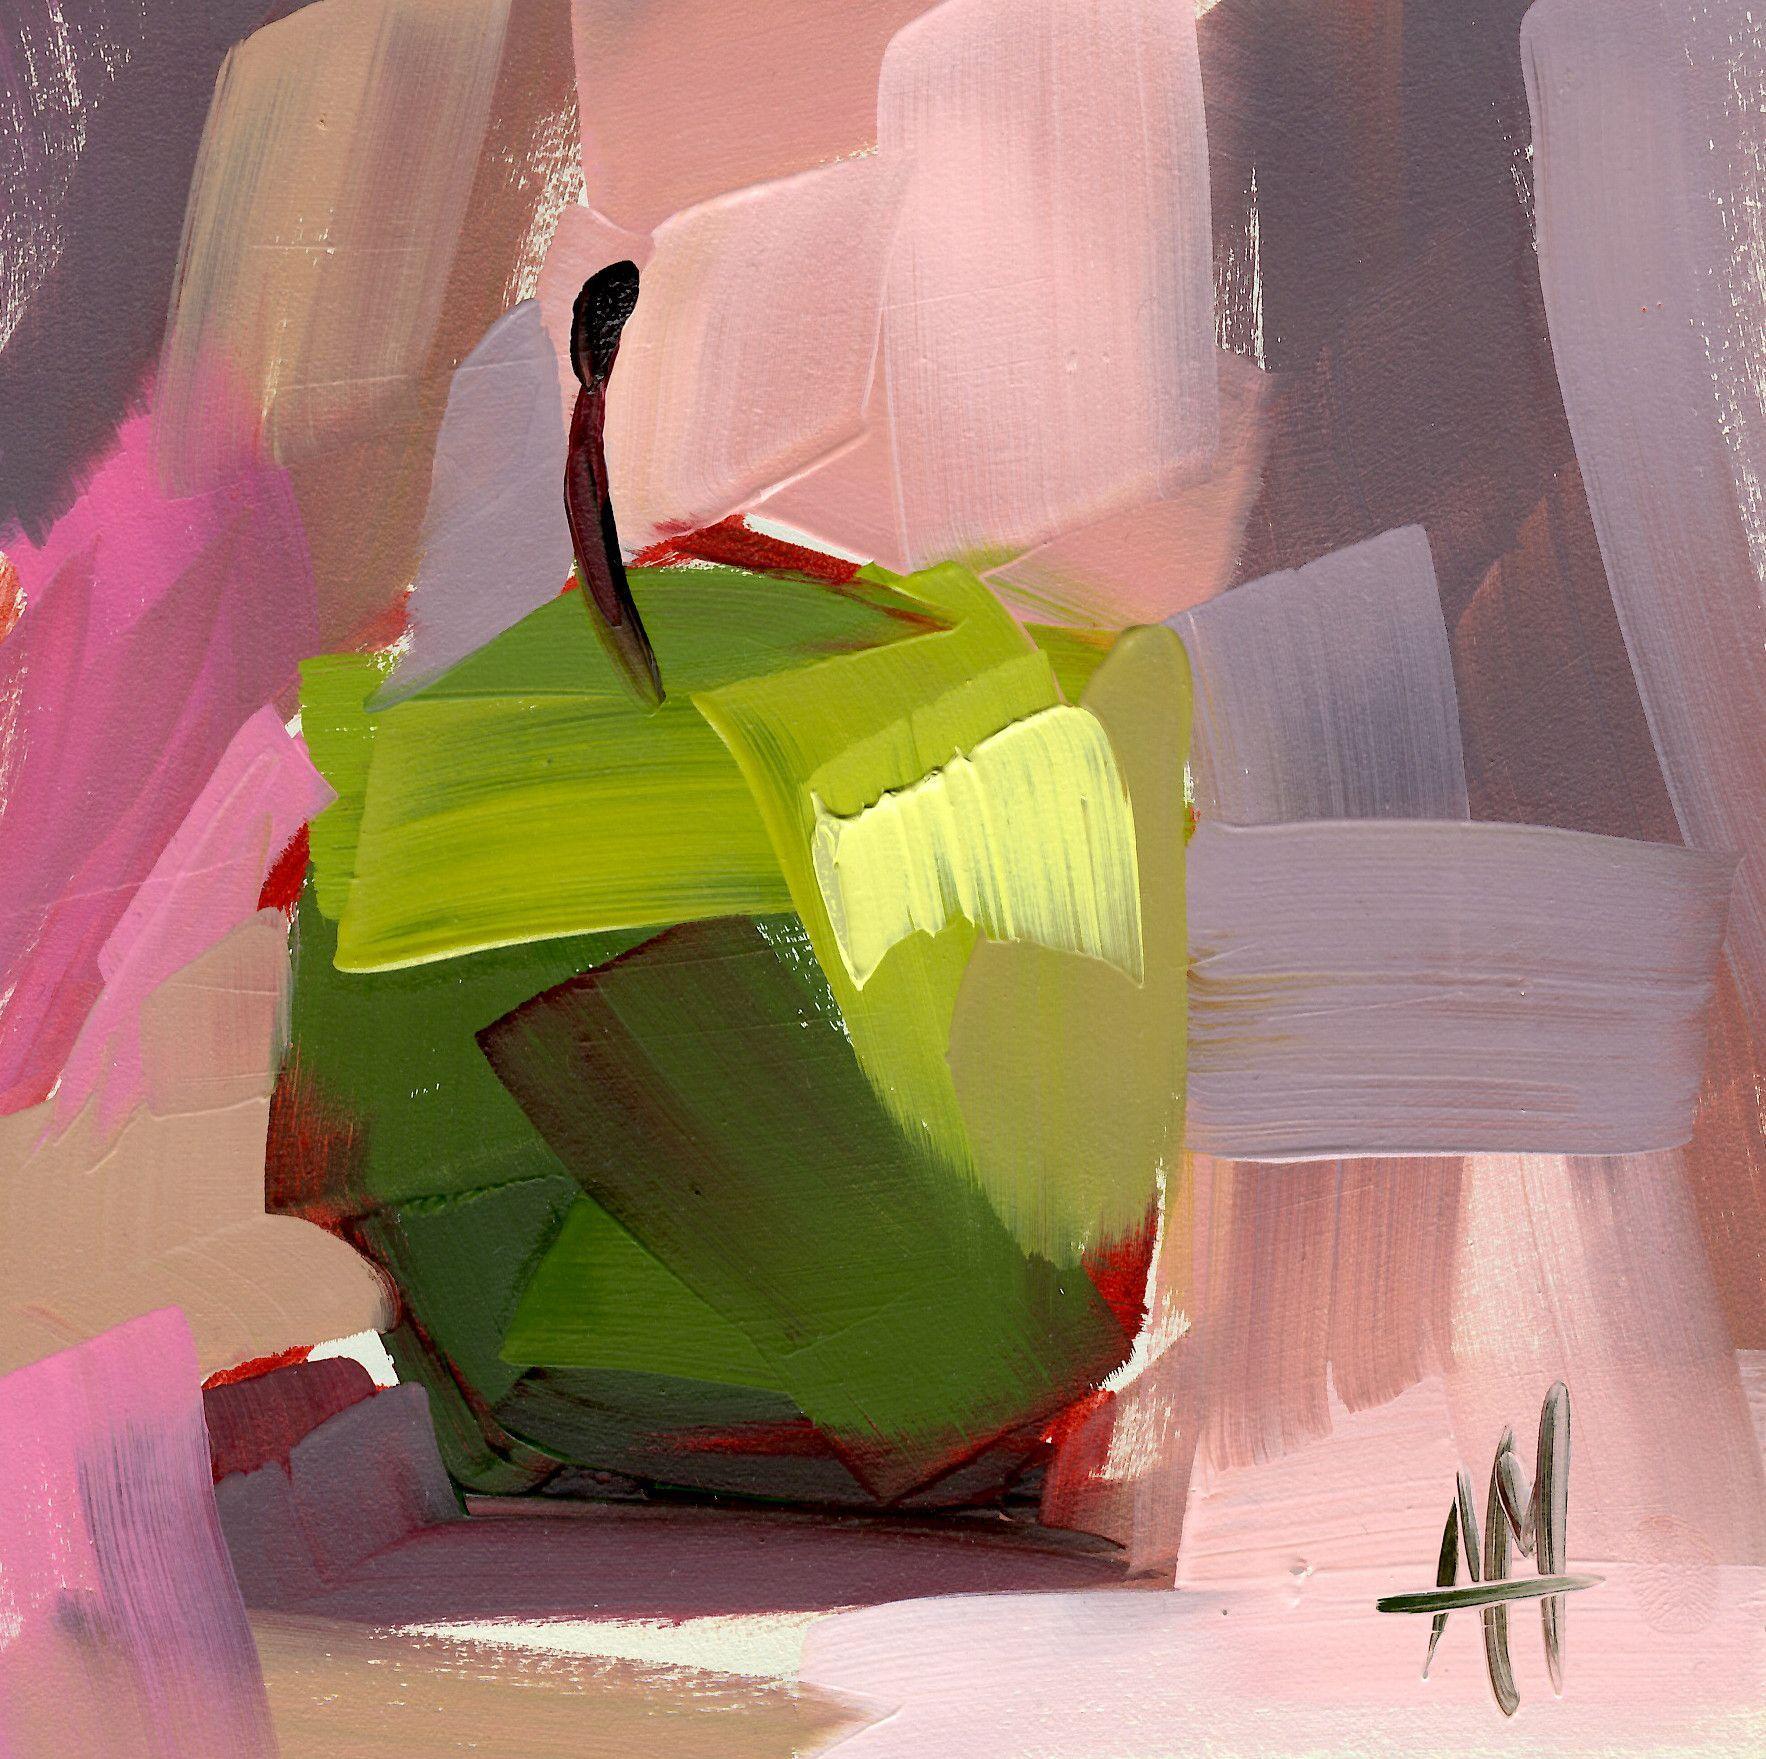 Green Apple Still Life Art Print by Angela Moulton | Pinturas ...